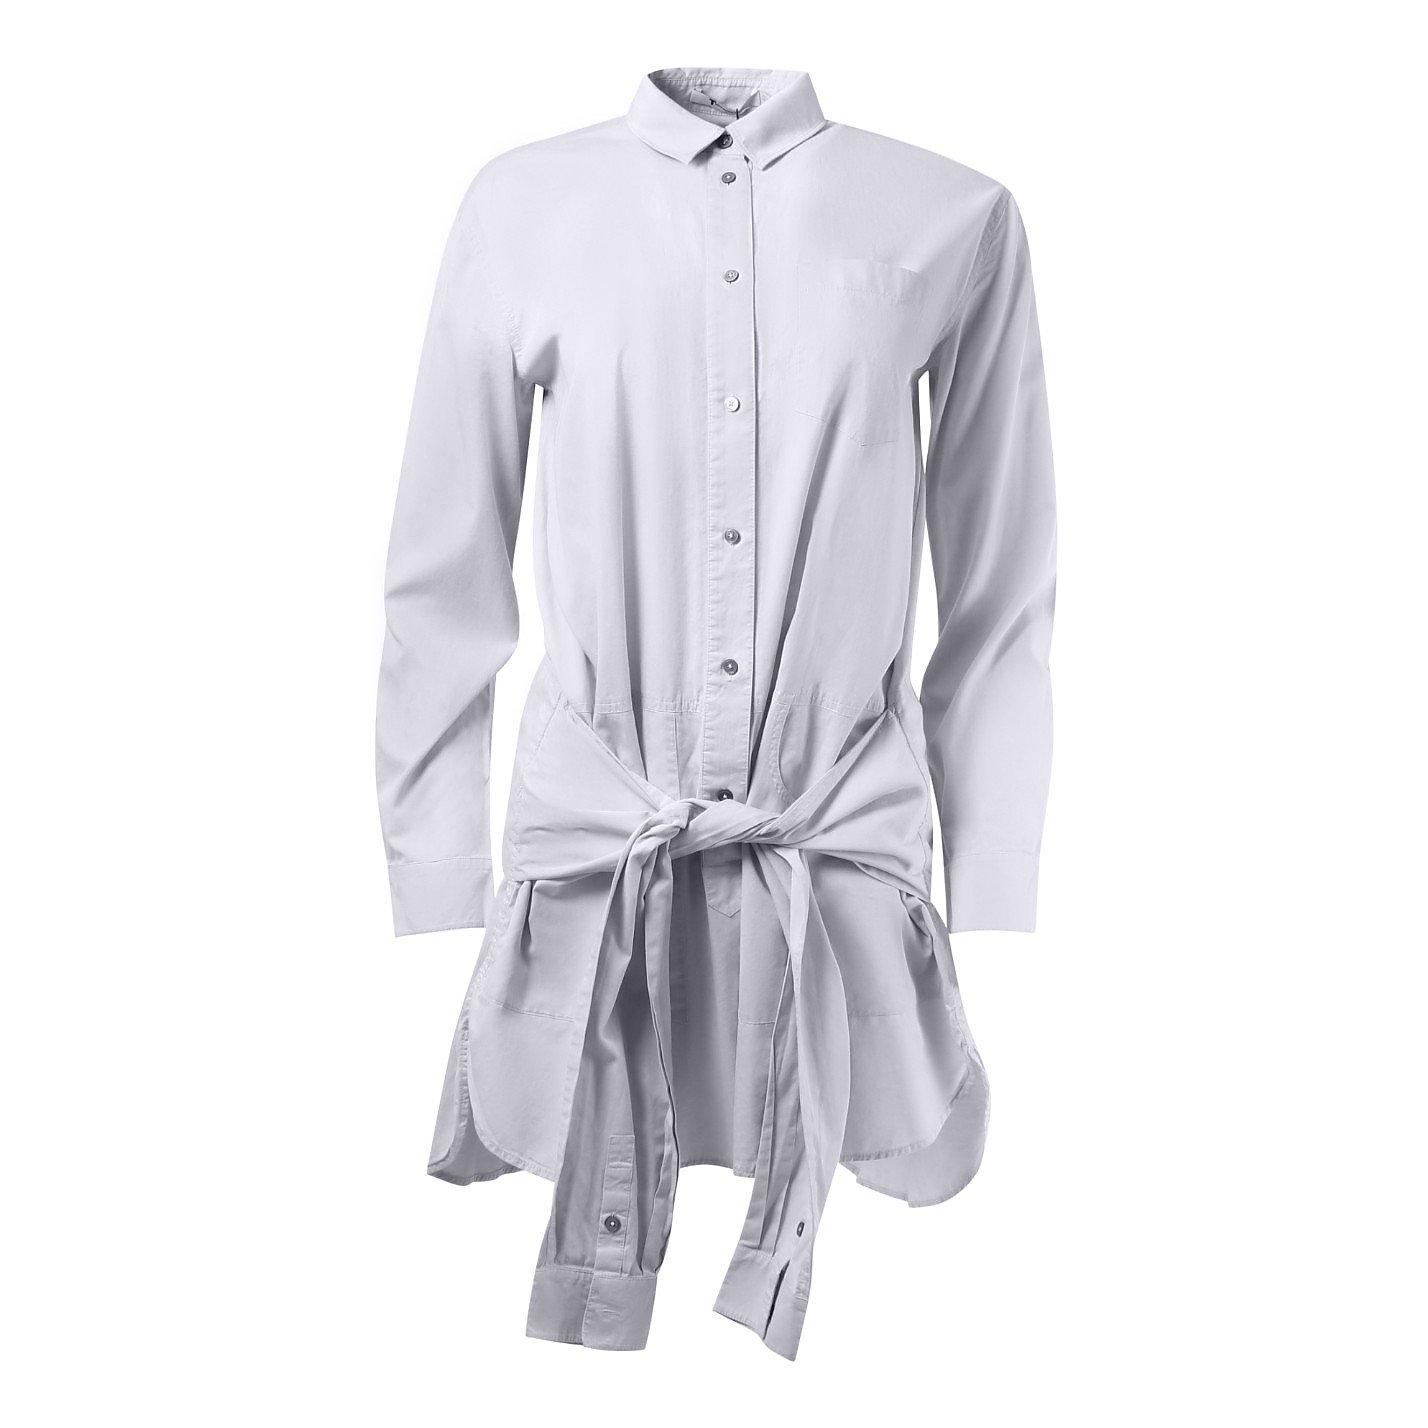 Alexander Wang Deconstructed Tie Waist Shirt